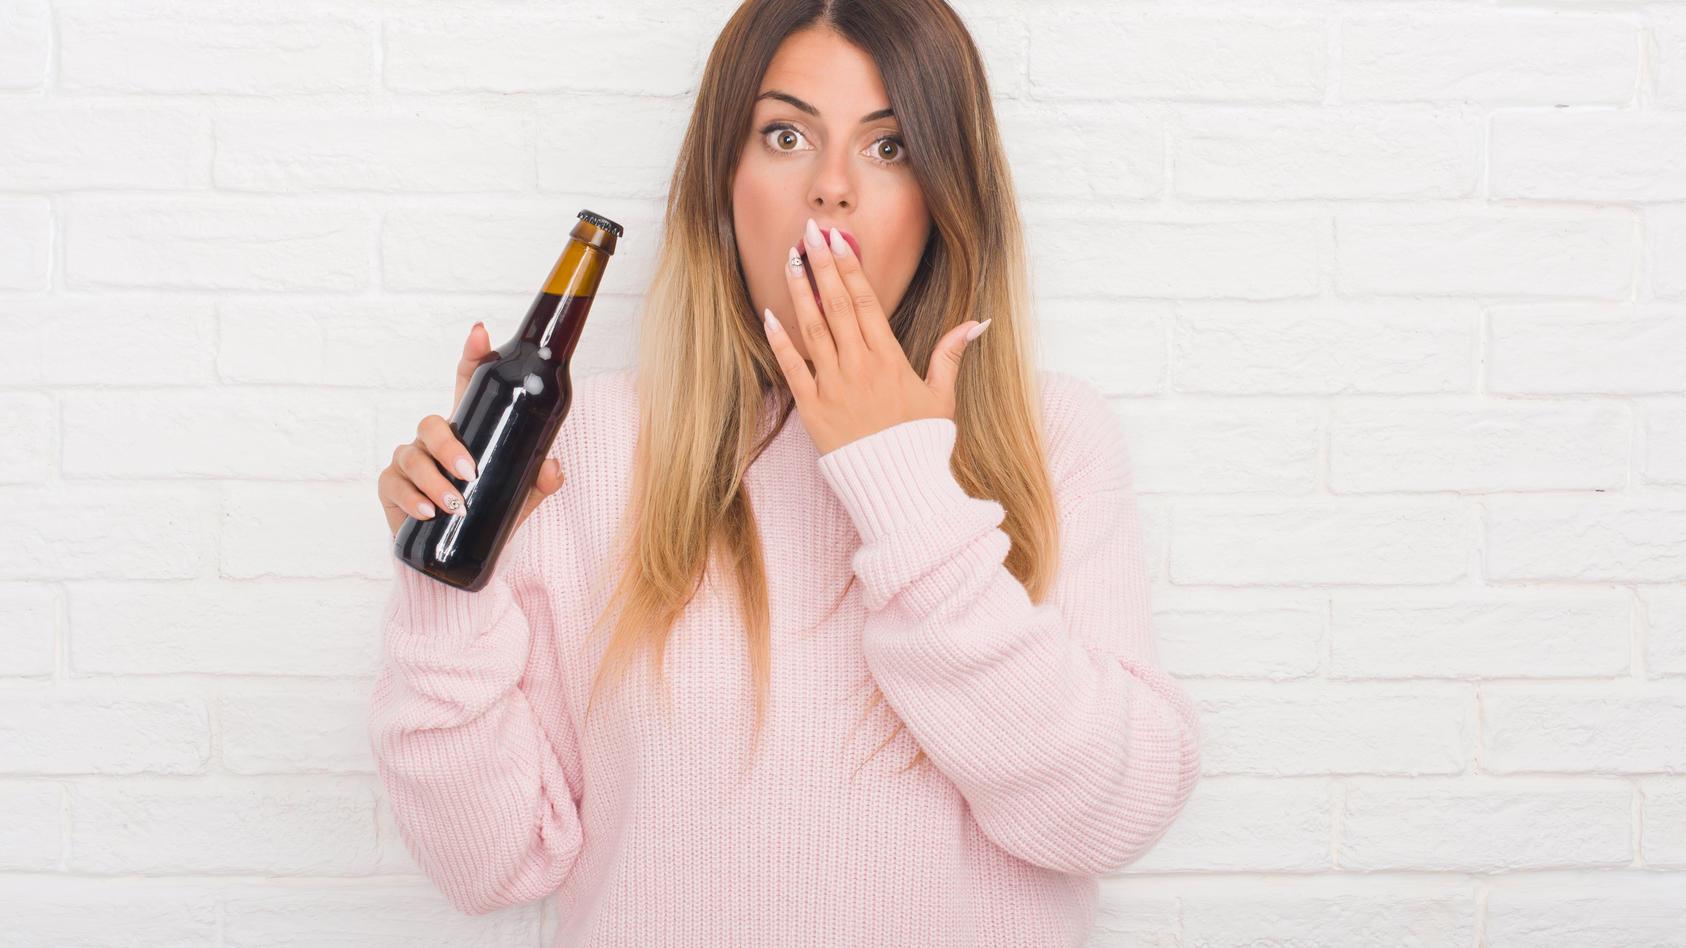 Für viele Menschen lohnt sich die Rückgabe von Pfandflaschen anscheinend nicht mehr. Darauf wollen Verbände jetzt reagieren...